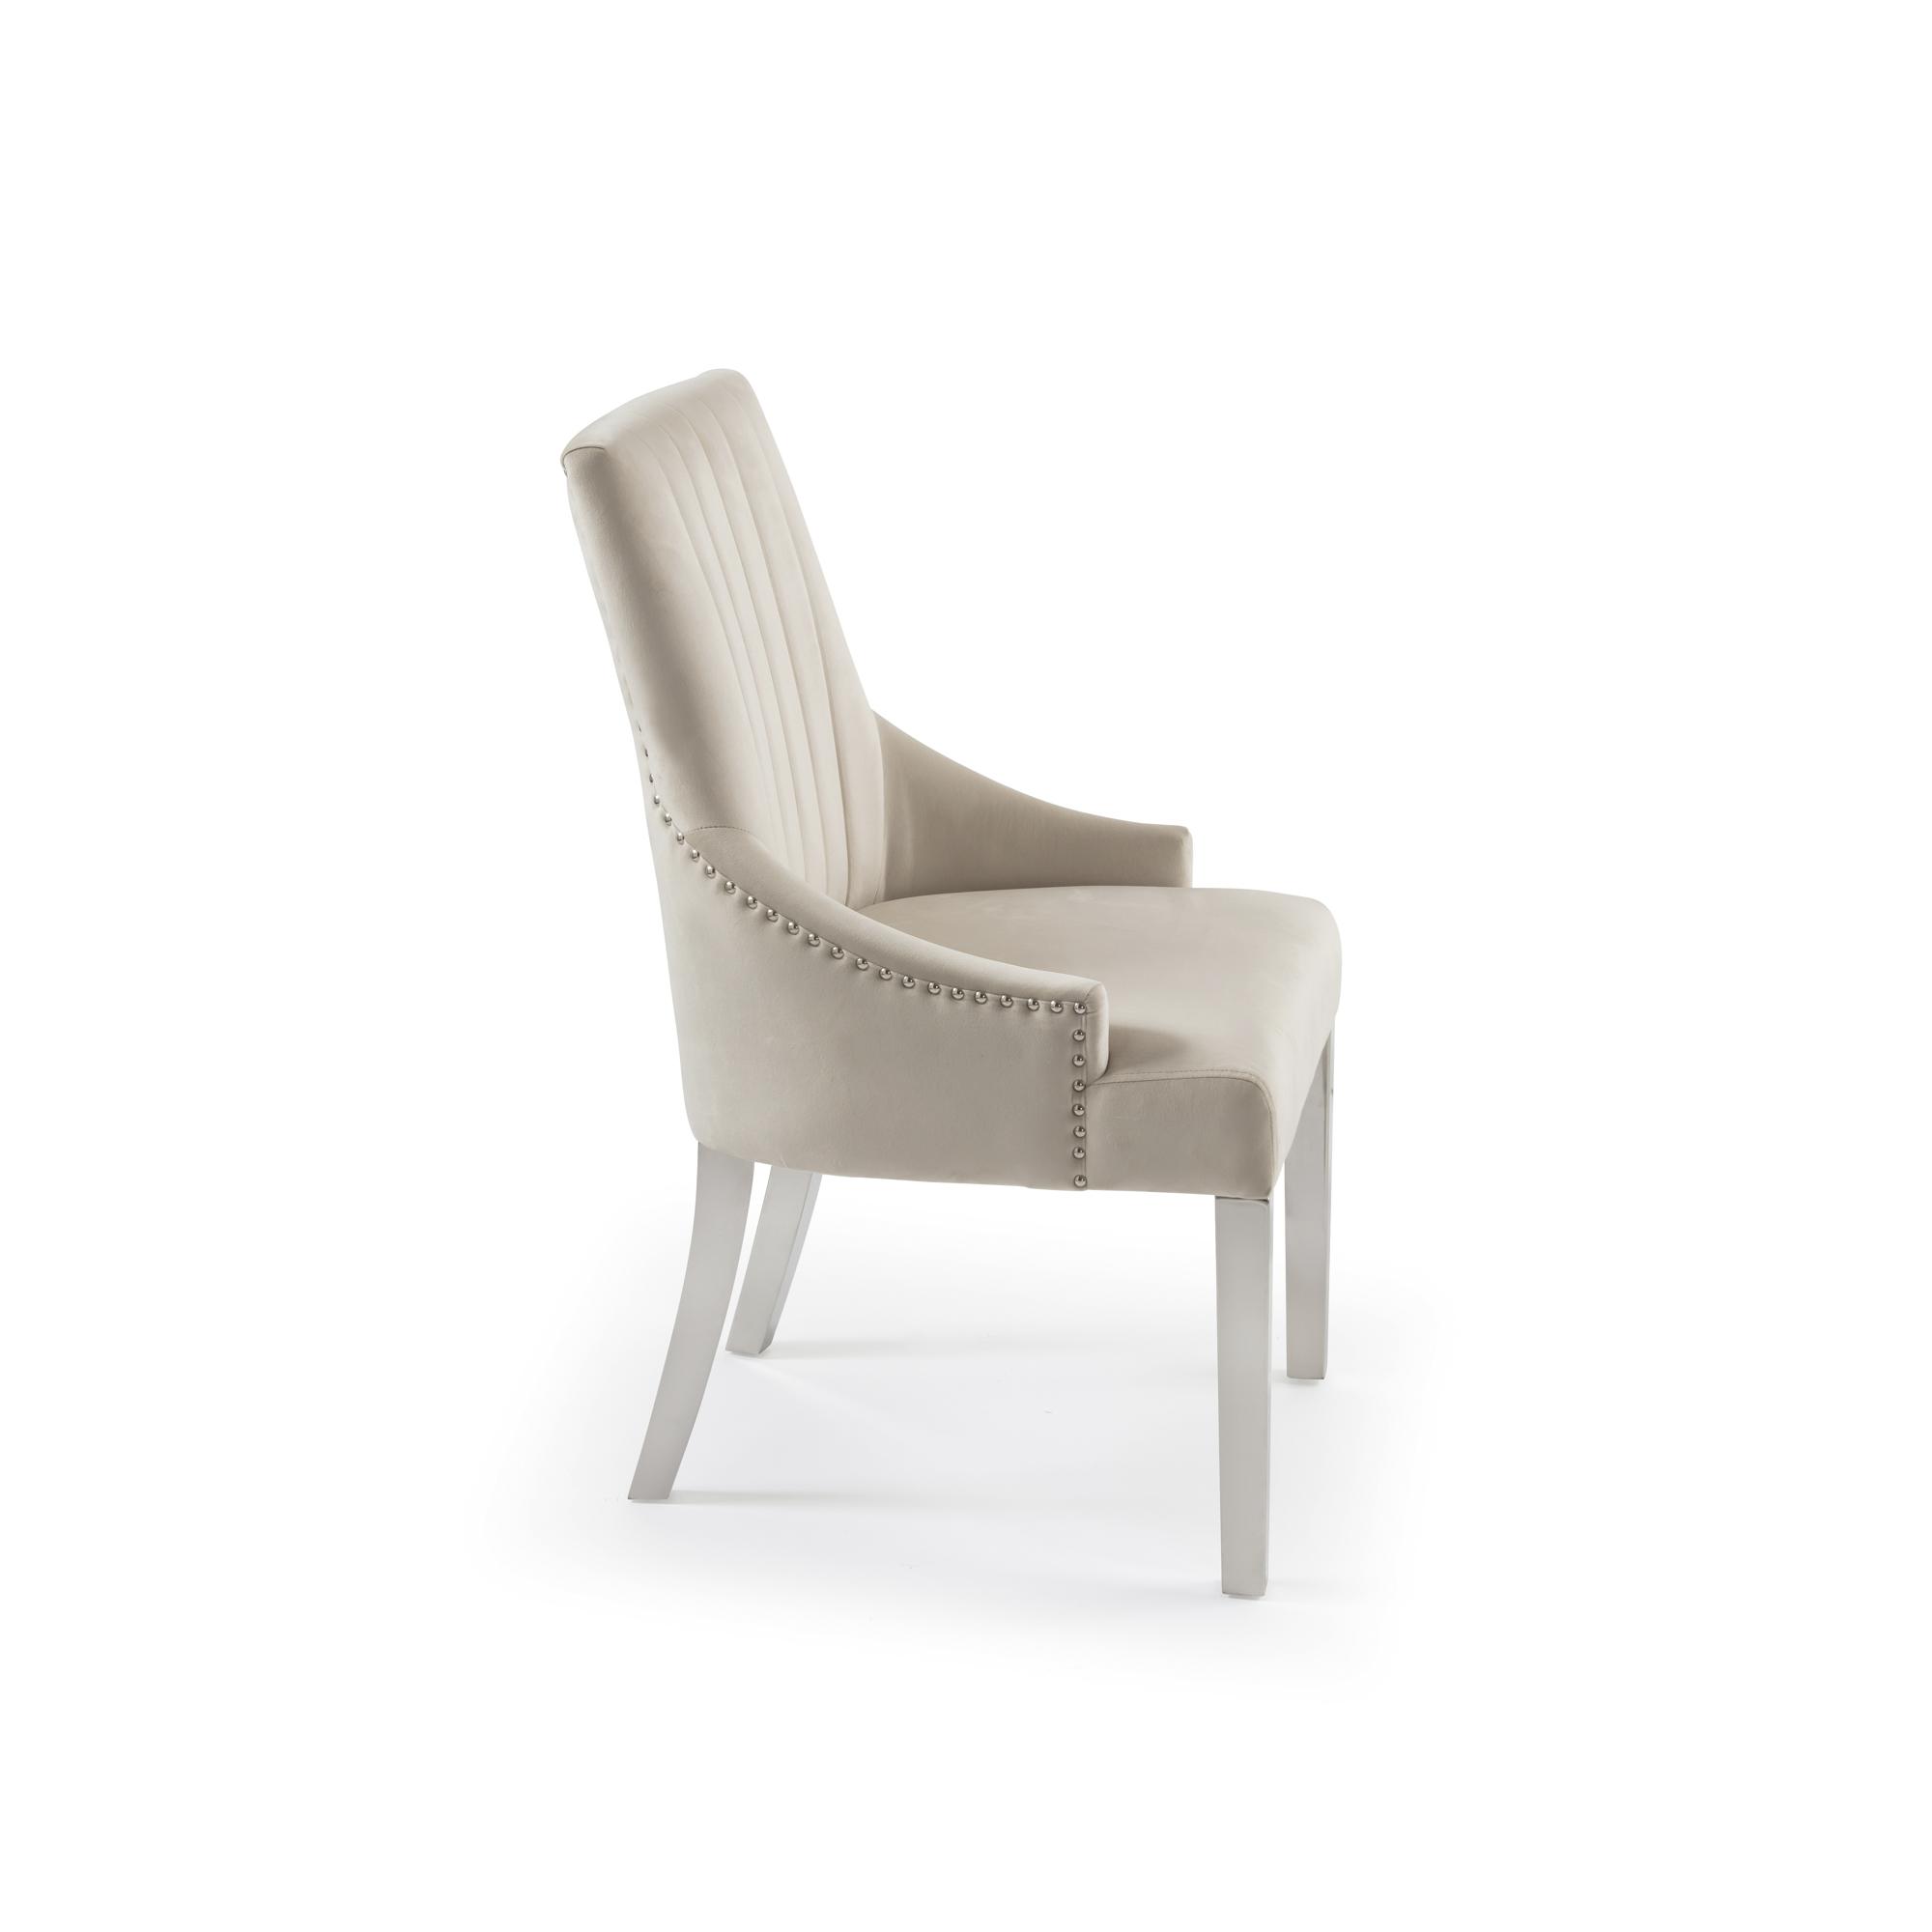 Chelsea Cream Brushed Velvet Upholstered Scoop Dining Chair – Steel Legs